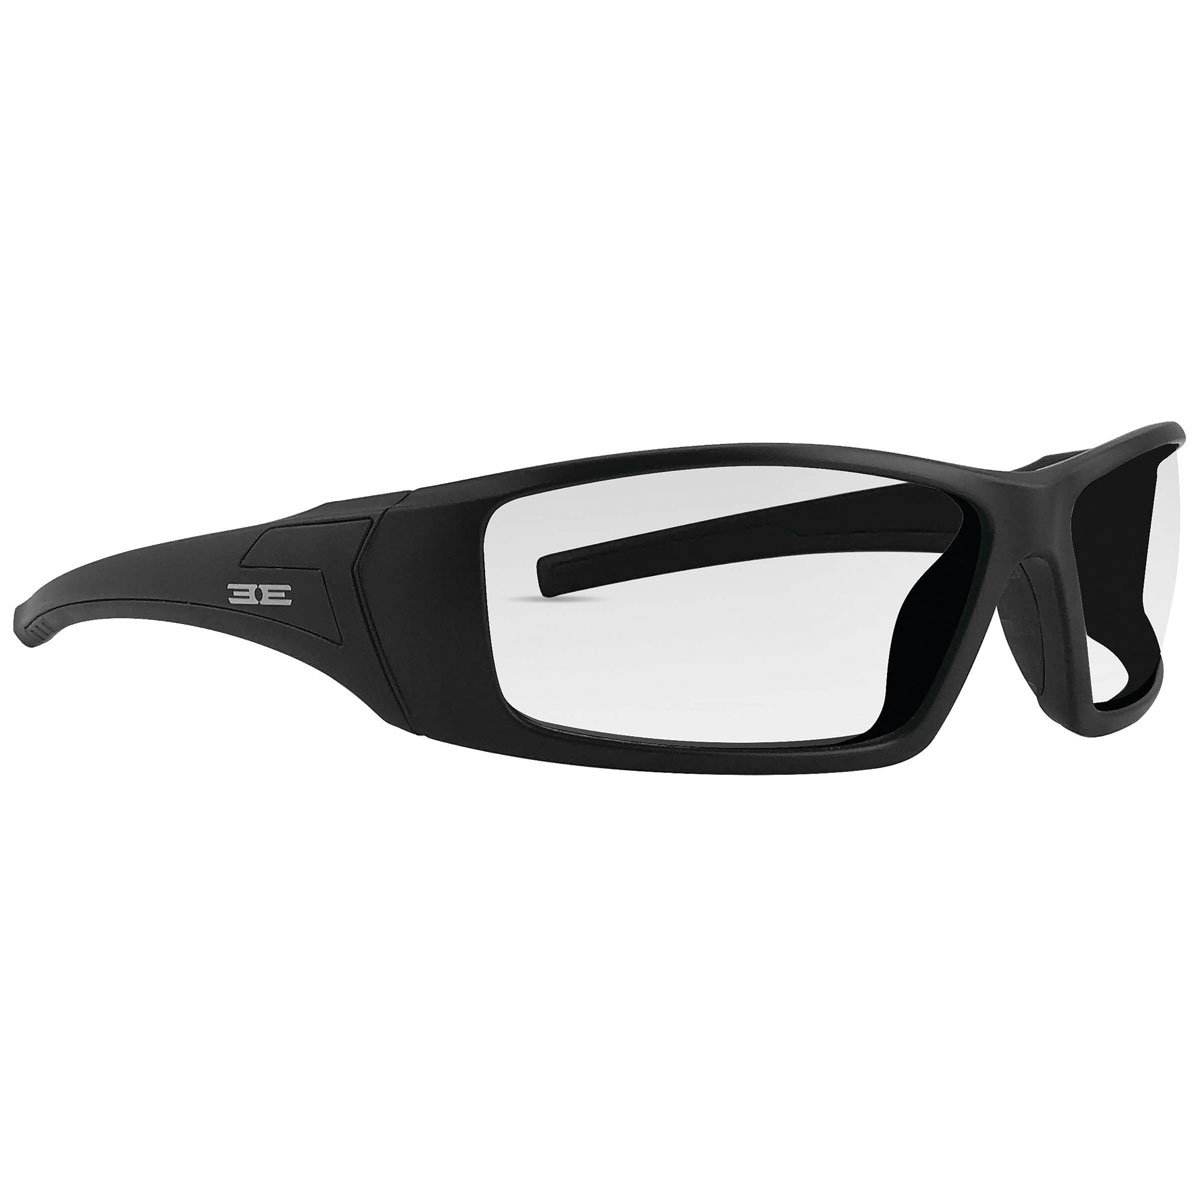 Epoch Eyewear Epoch 3 Sunglasses with Clear Lens